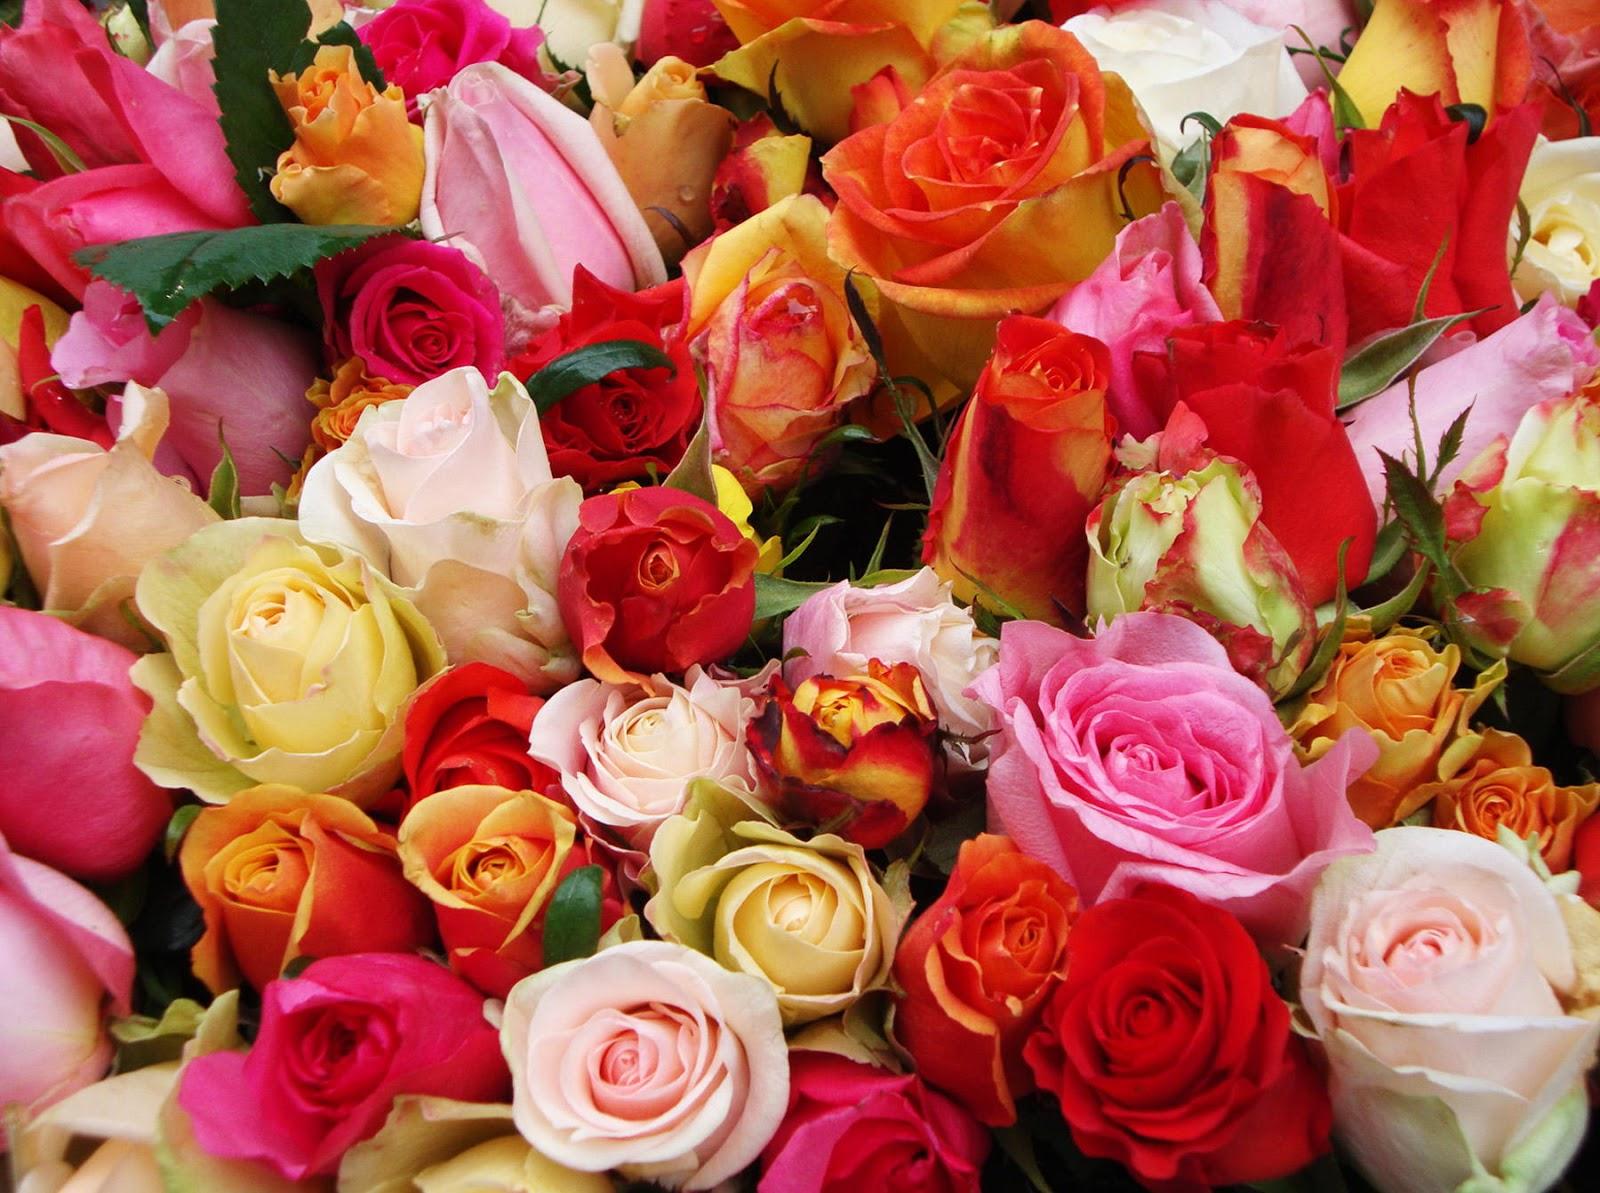 Pin by on flores colores pinterest - Gama de colores rosas ...